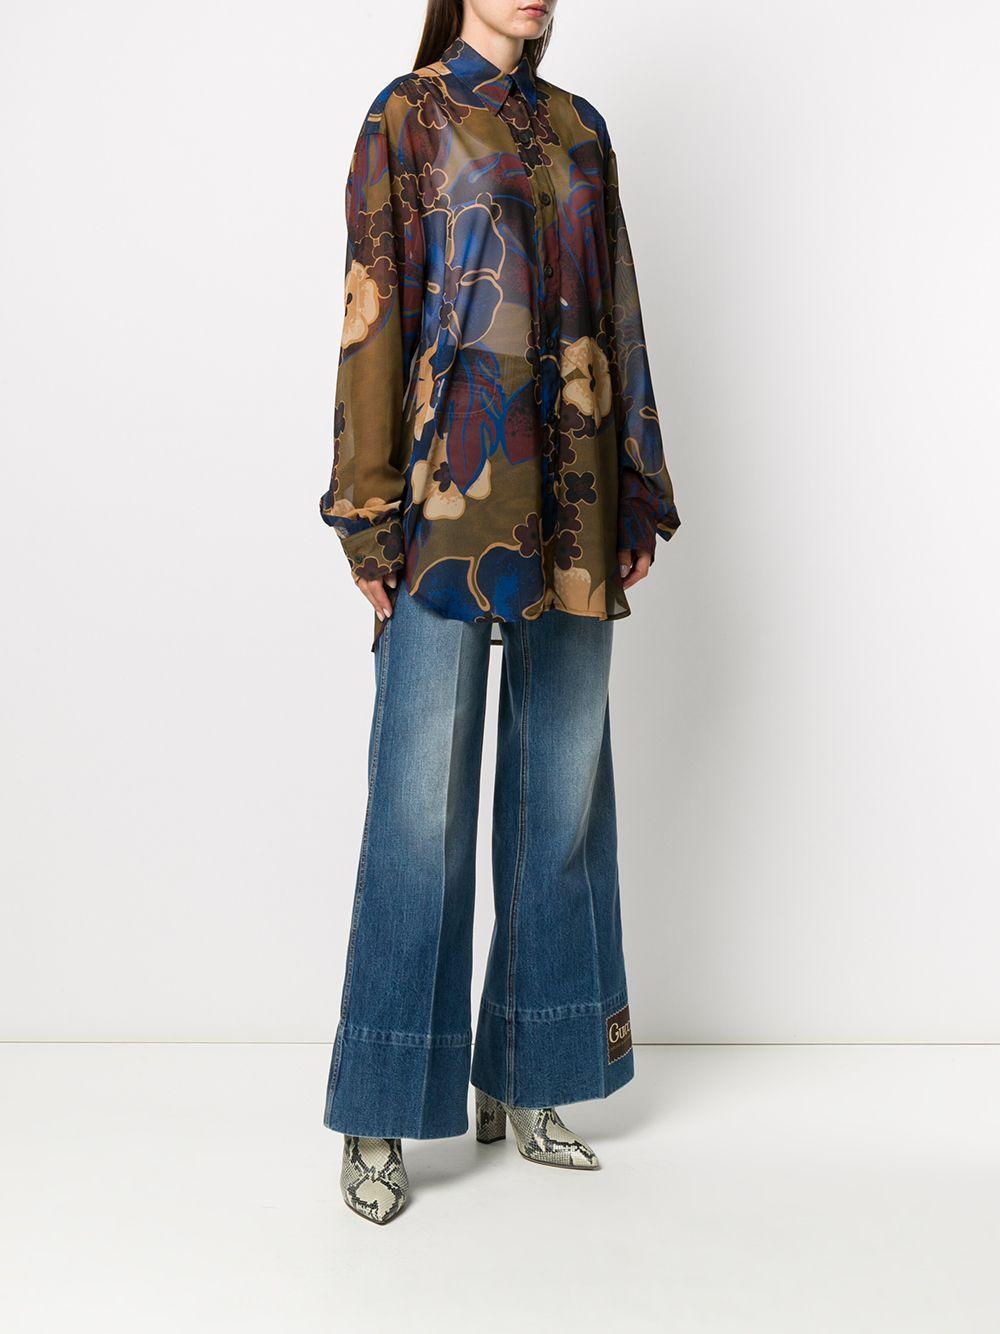 Camicia trasparente marrone multicolore con stampa floreale Carwy DRIES VAN NOTEN | Camicie | CARWY BIS-1062977